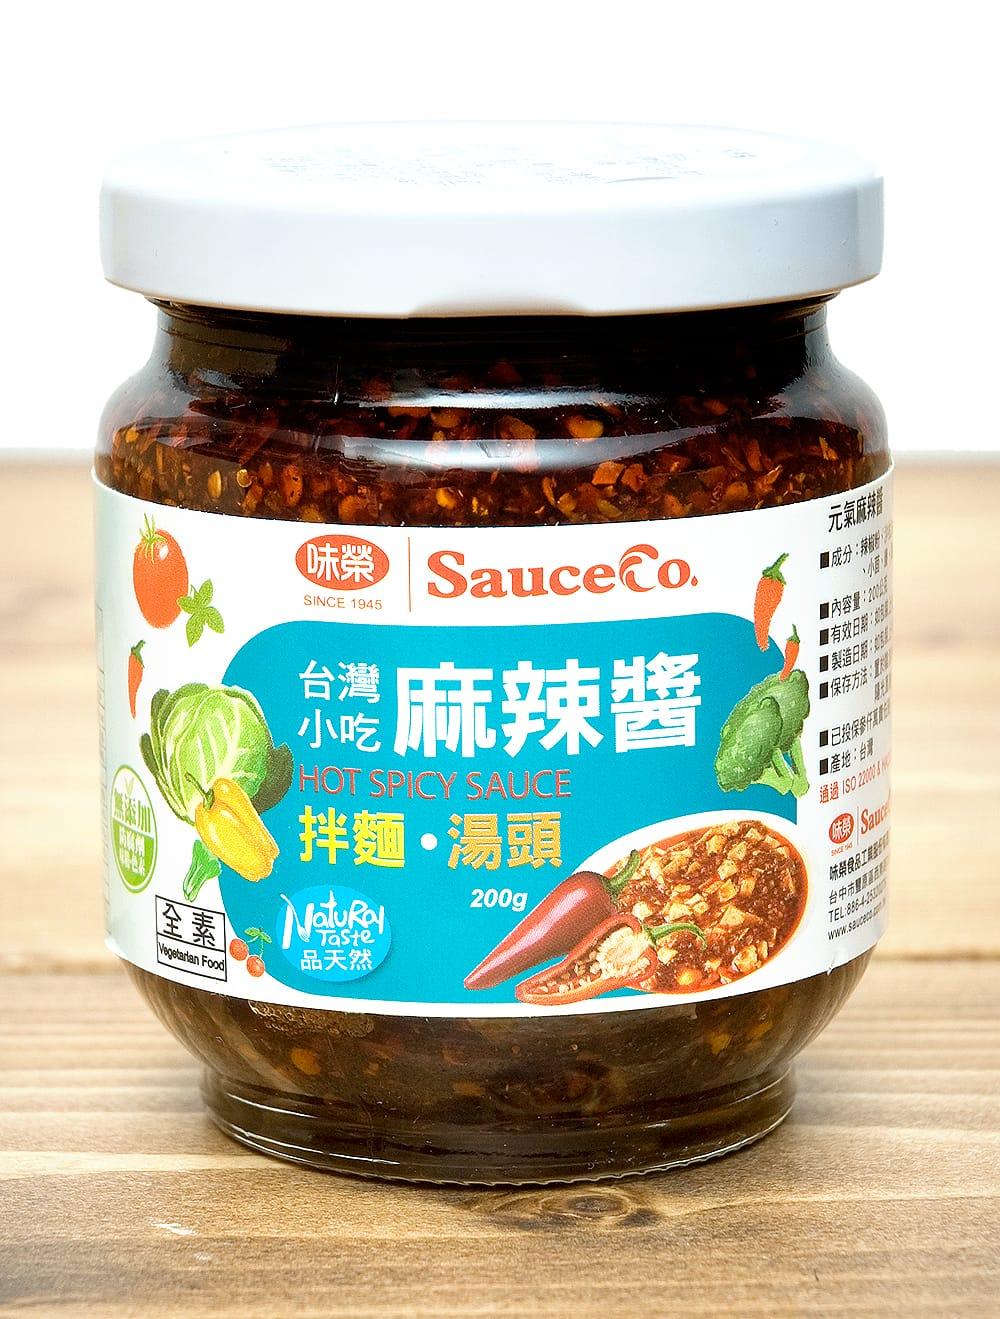 麻辣醤(マーラージャン)オーガニック - 花椒と唐辛子ソース HOT SPICY Sauce 【未榮食品】の写真